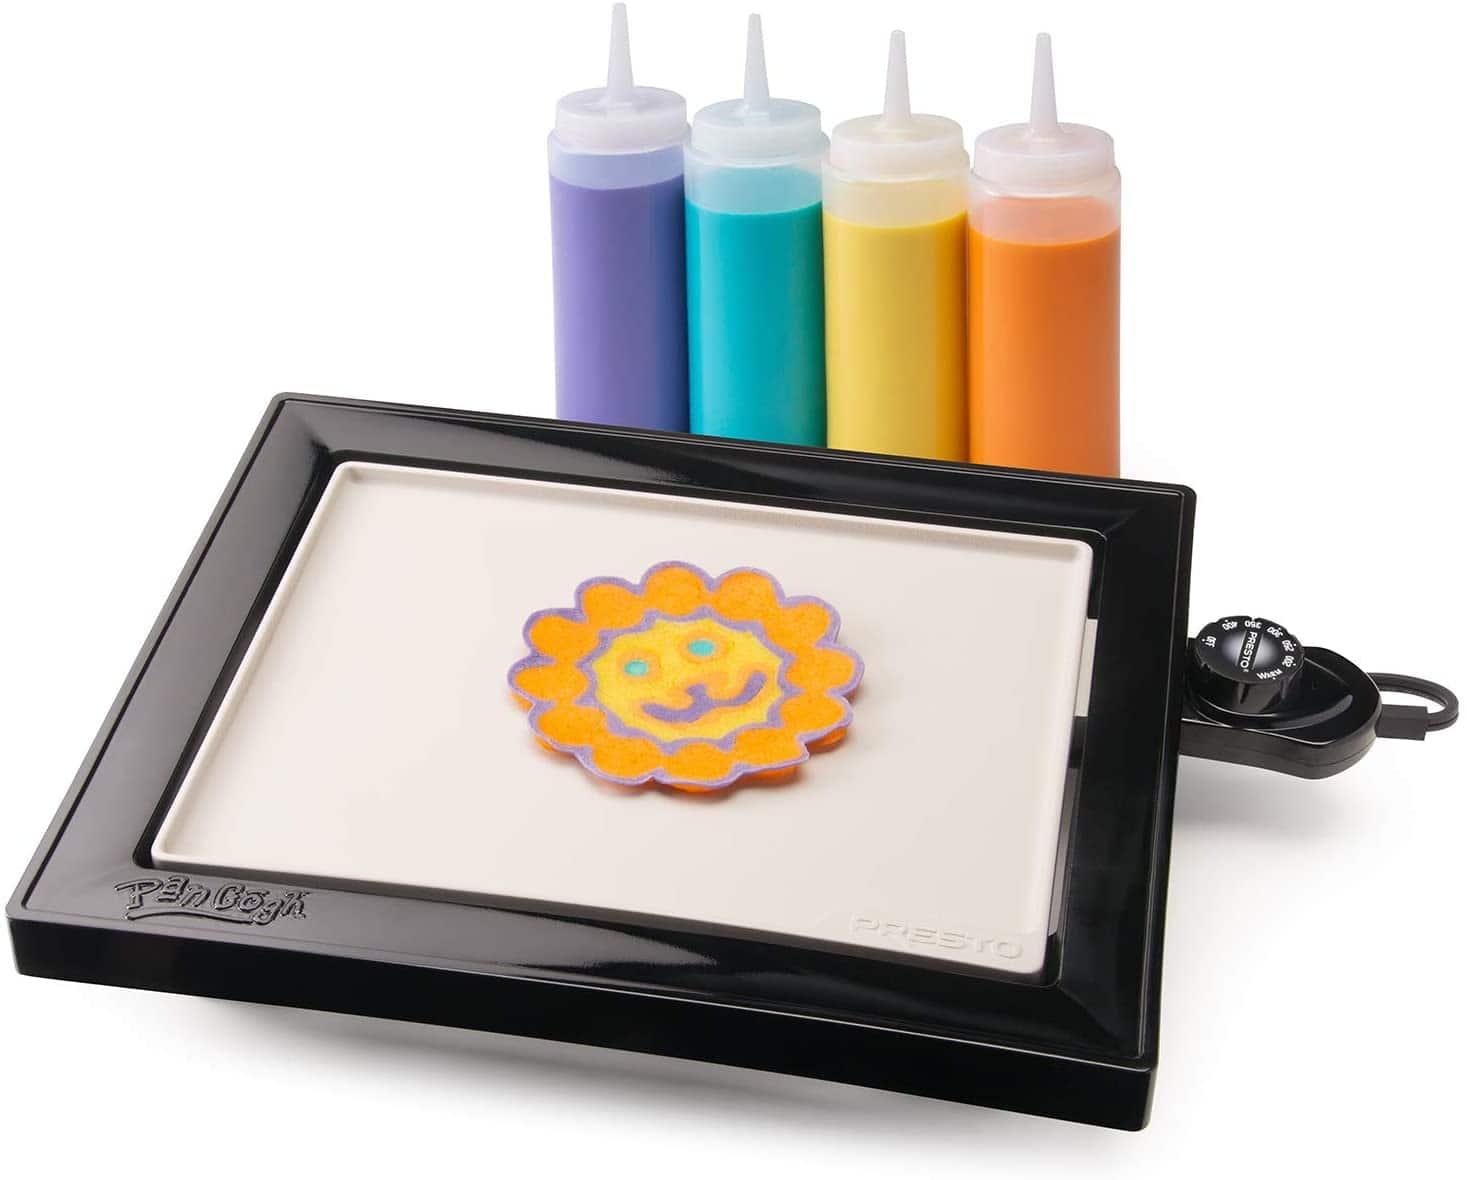 Presto PanGogh Pancake Art Kit w/ Cool-Touch Griddle